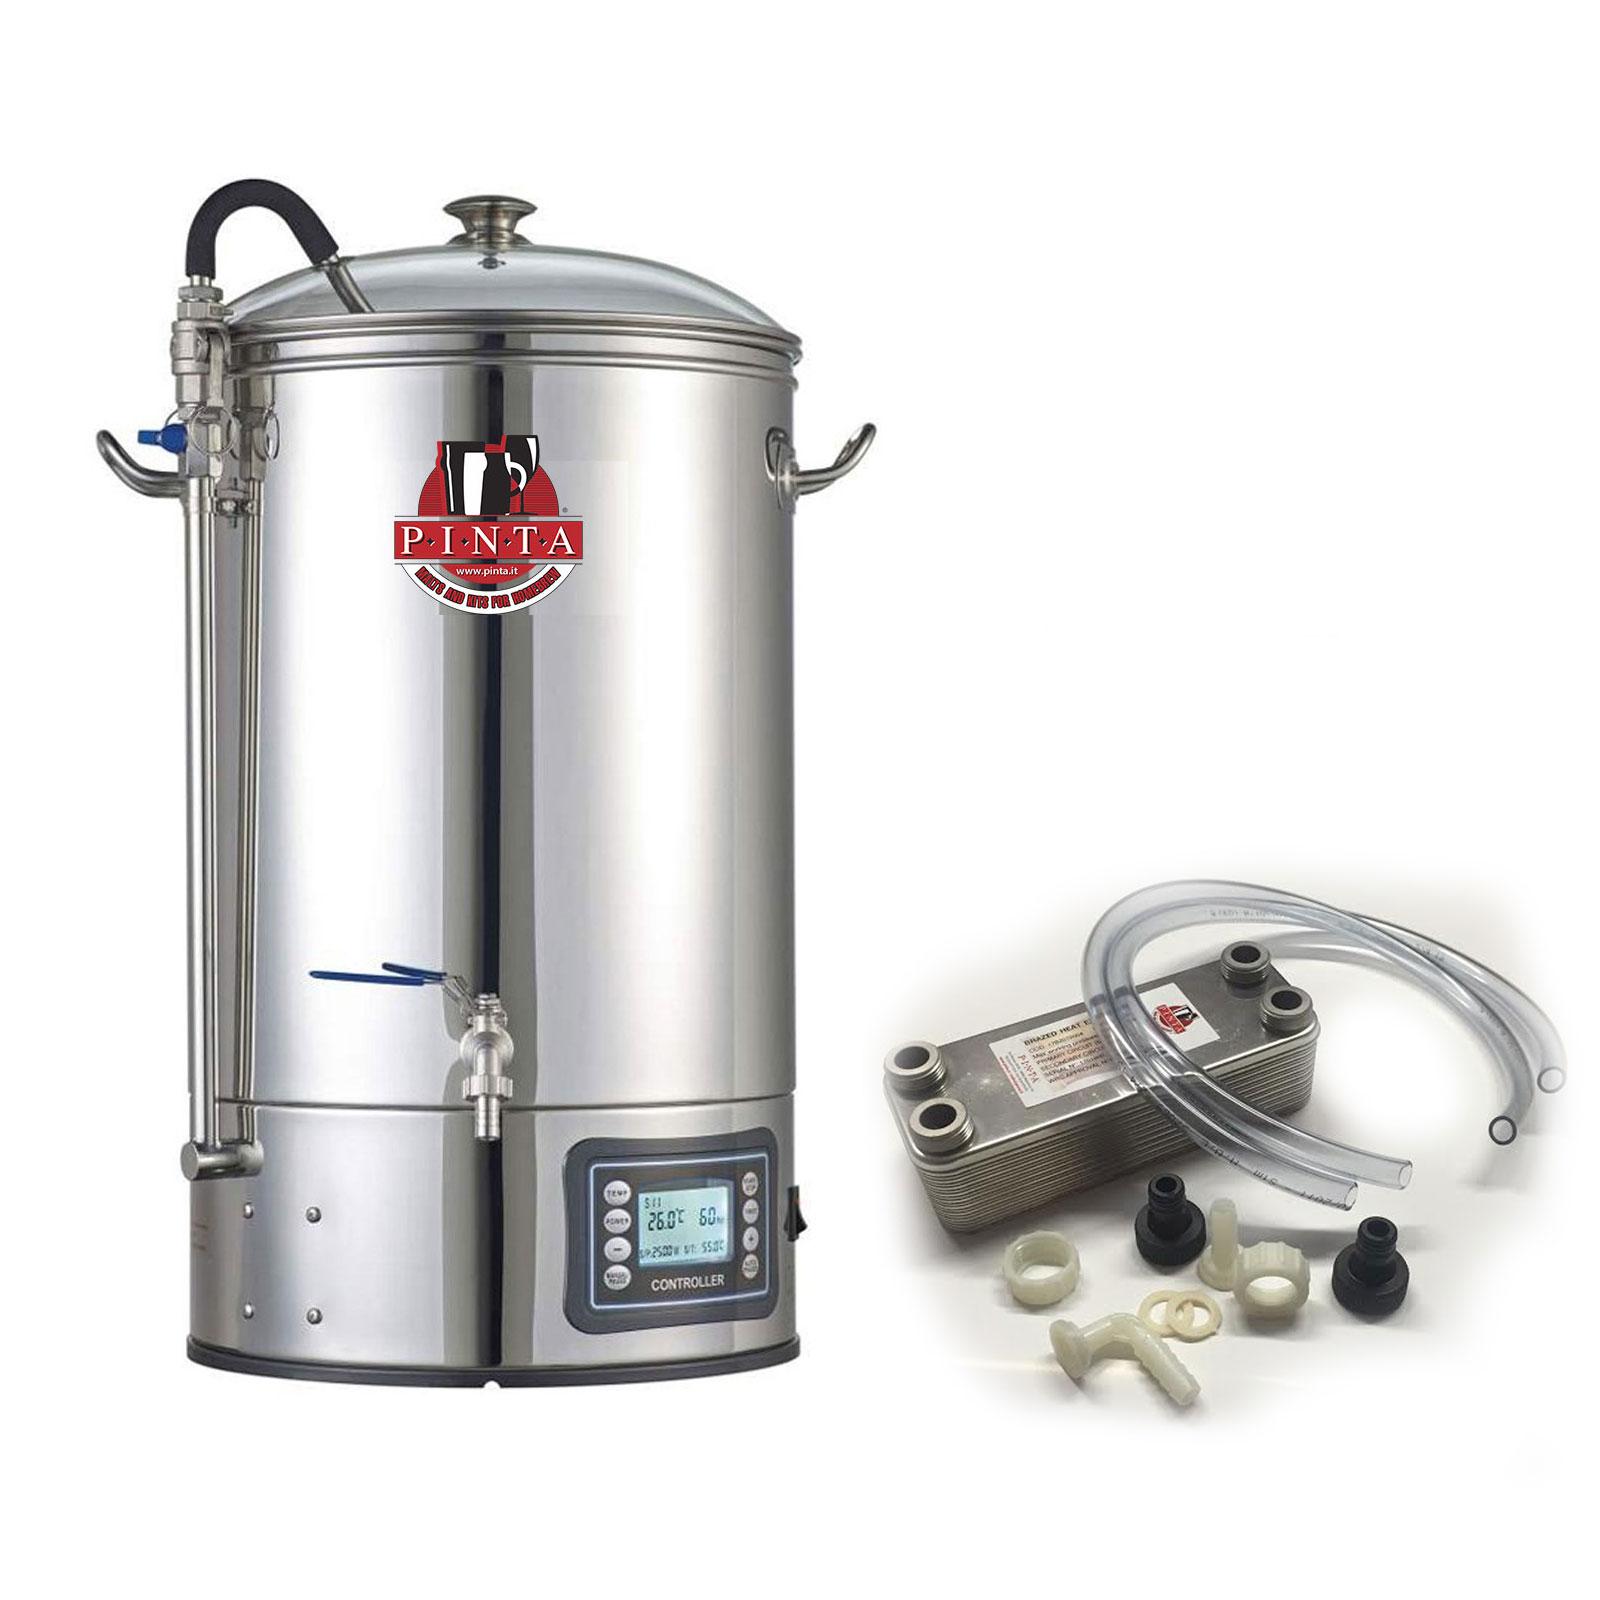 BrewMonster Impianto All in one 30 litri + scambiatore 20 piastre + 1 Kit all Grain Pinta